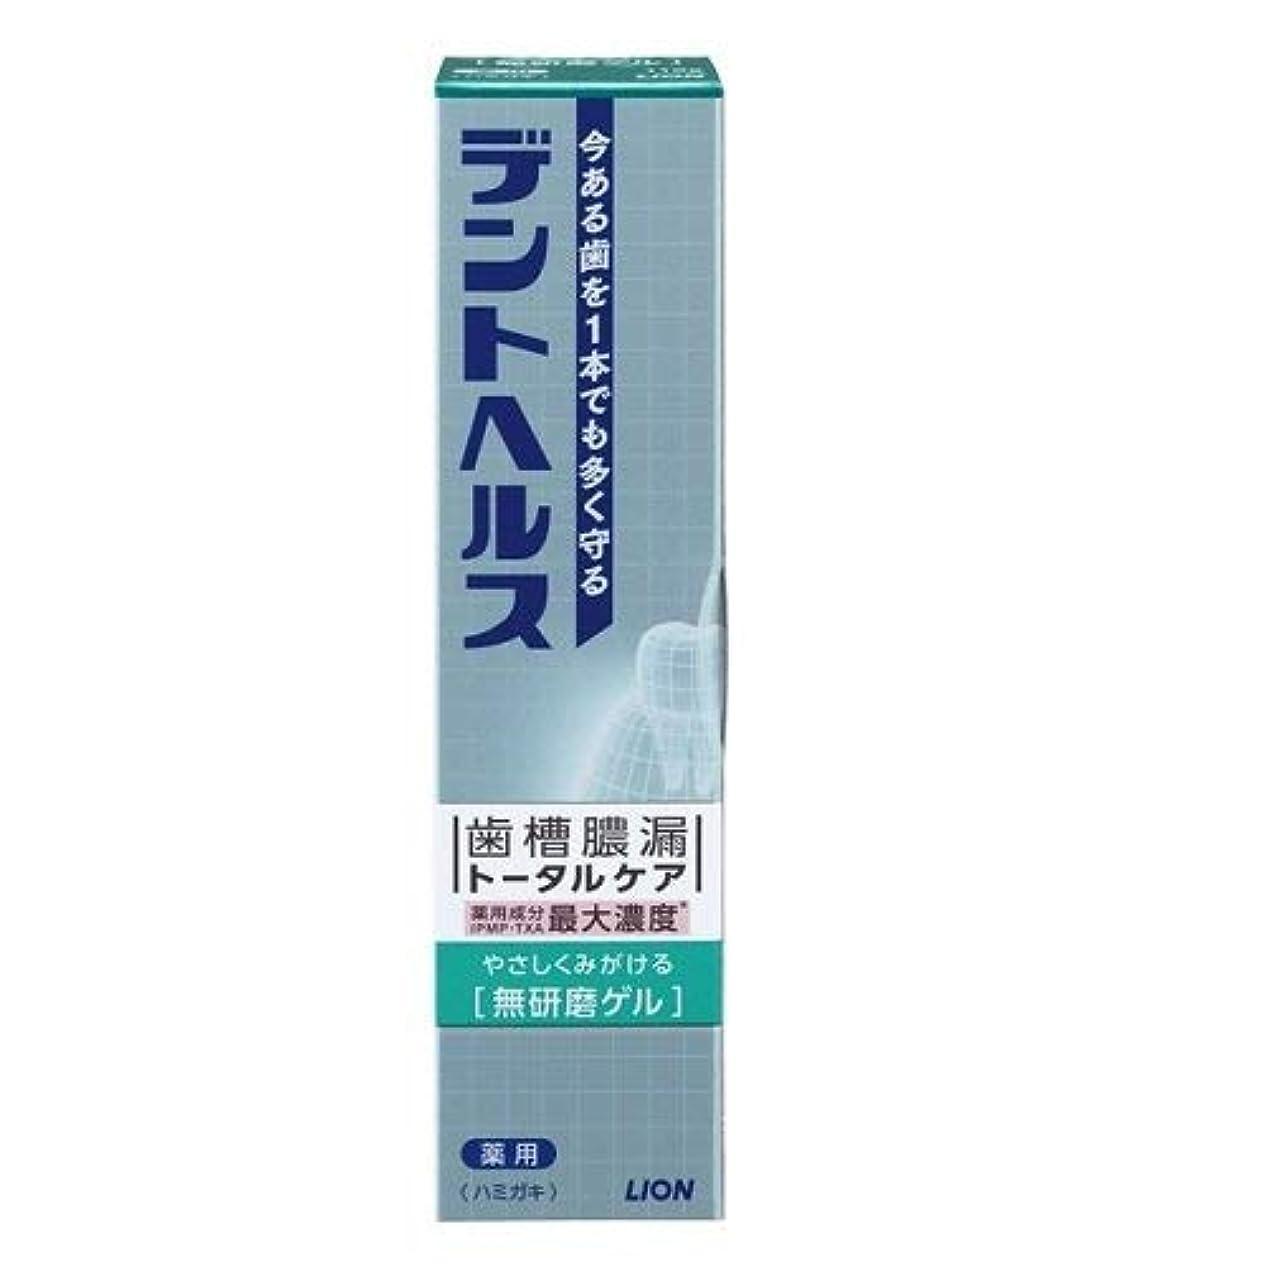 ほんの取り除く蒸気ライオン デントヘルス 薬用ハミガキ 無研磨ゲル 115g (医薬部外品)× 4